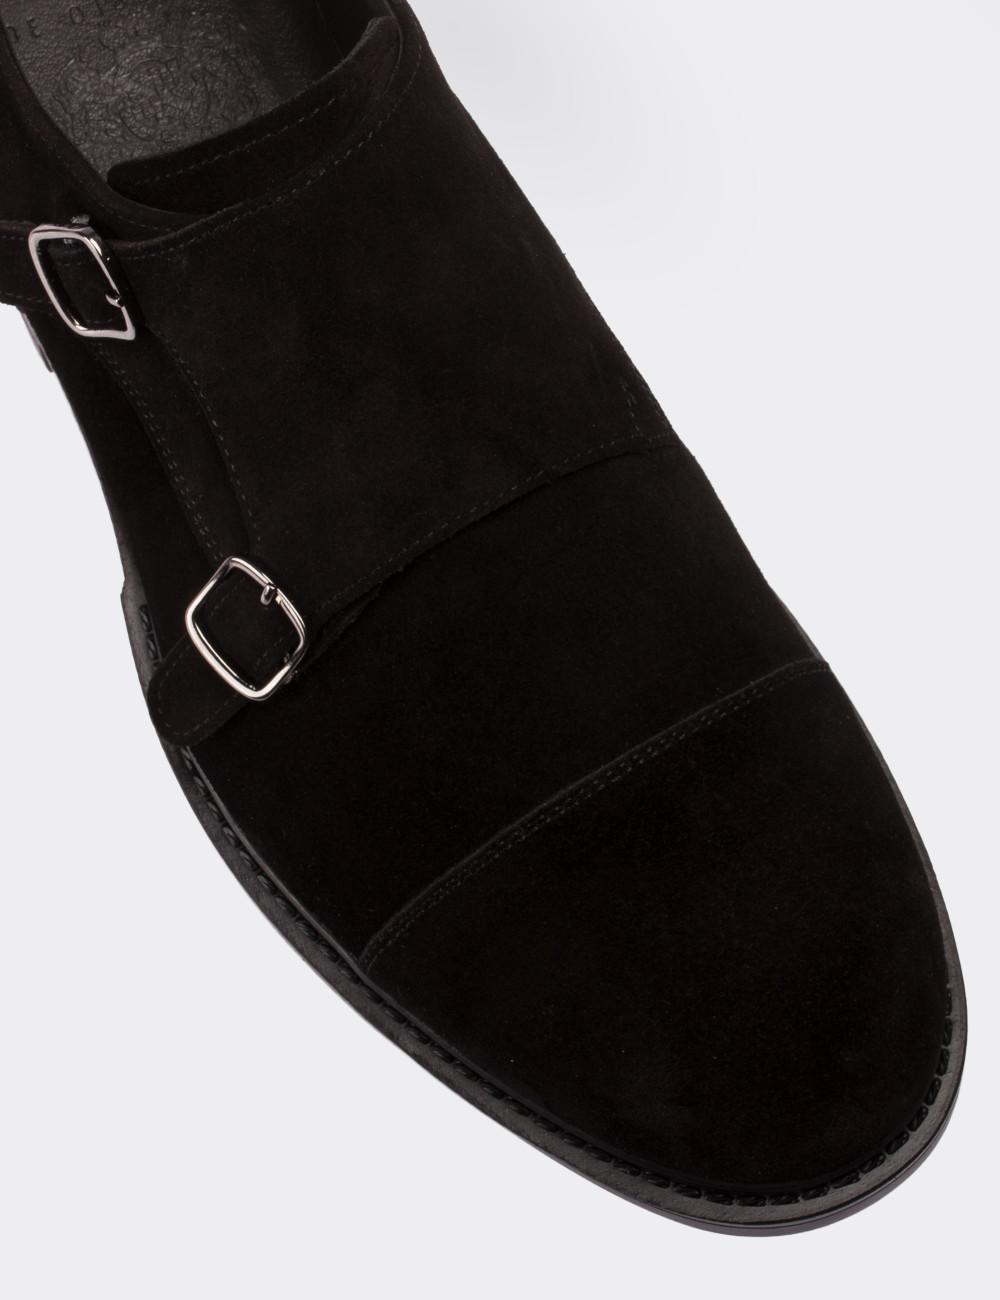 Hakiki Süet Çift Tokalı Siyah Günlük Erkek Ayakkabı - 01625MSYHC01